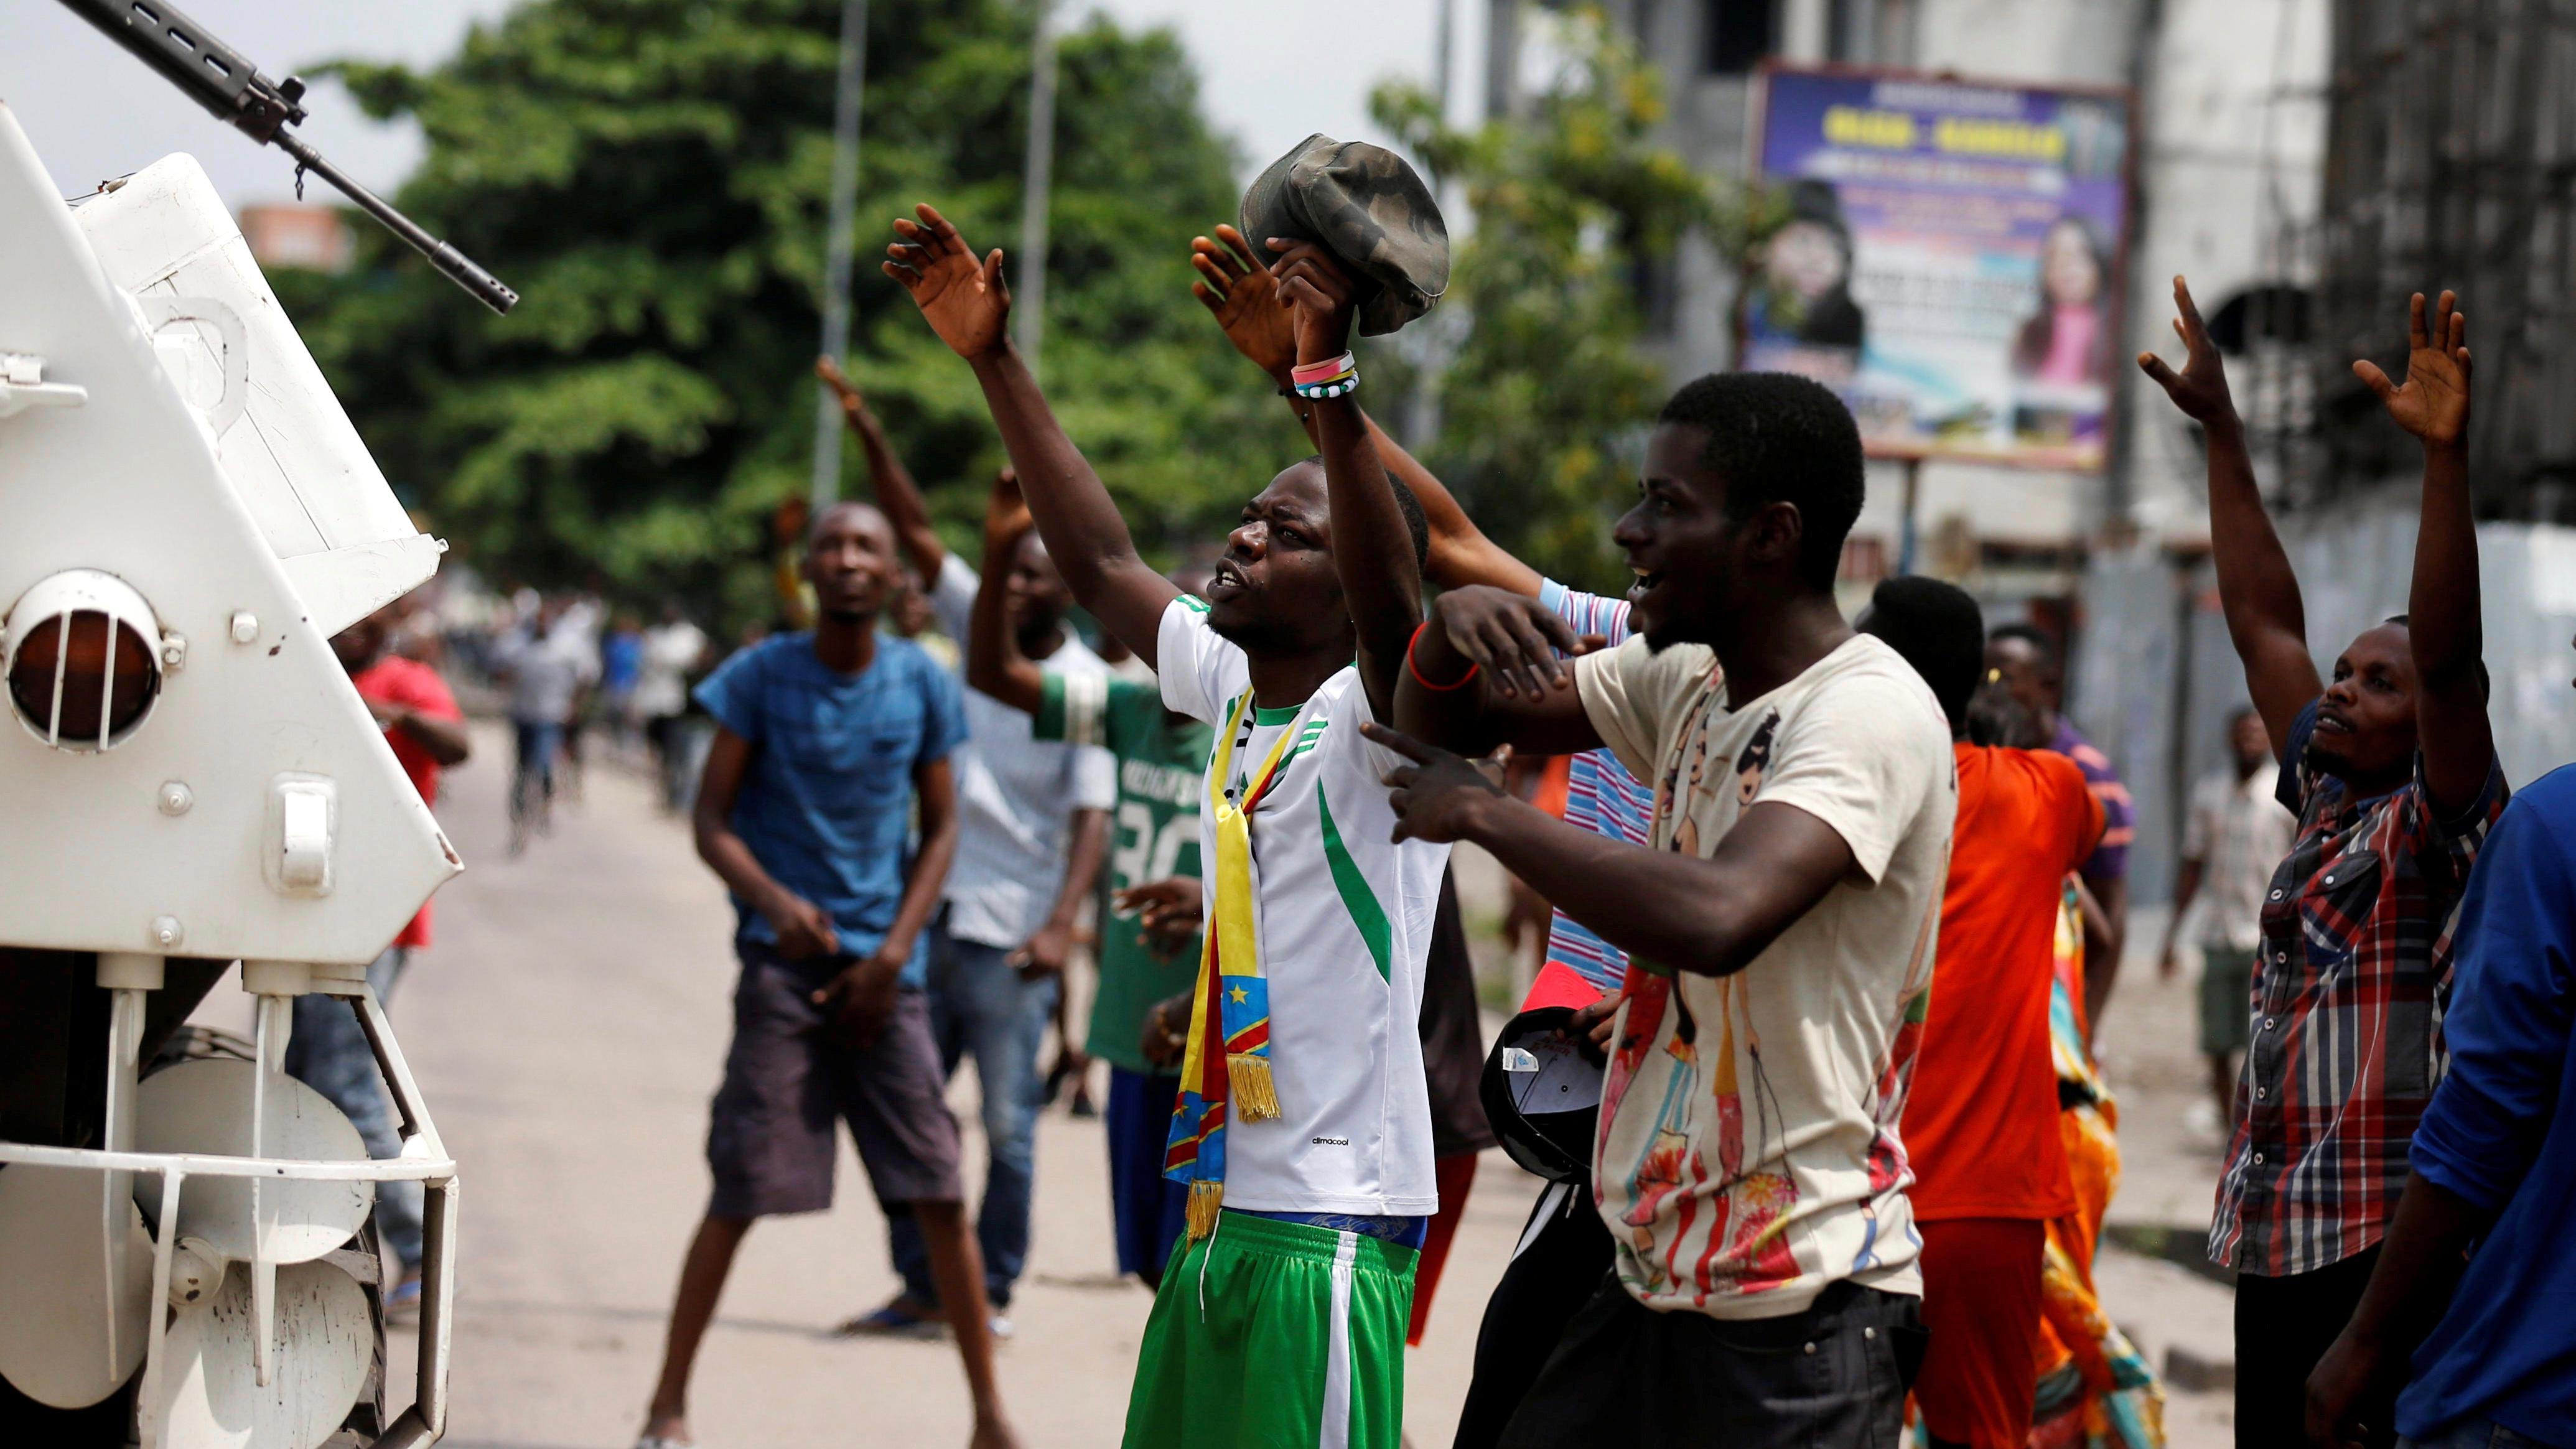 Dozens are killed in the Democratic Republic of Congo as anti-Kabila protestors clash with police and militias strike